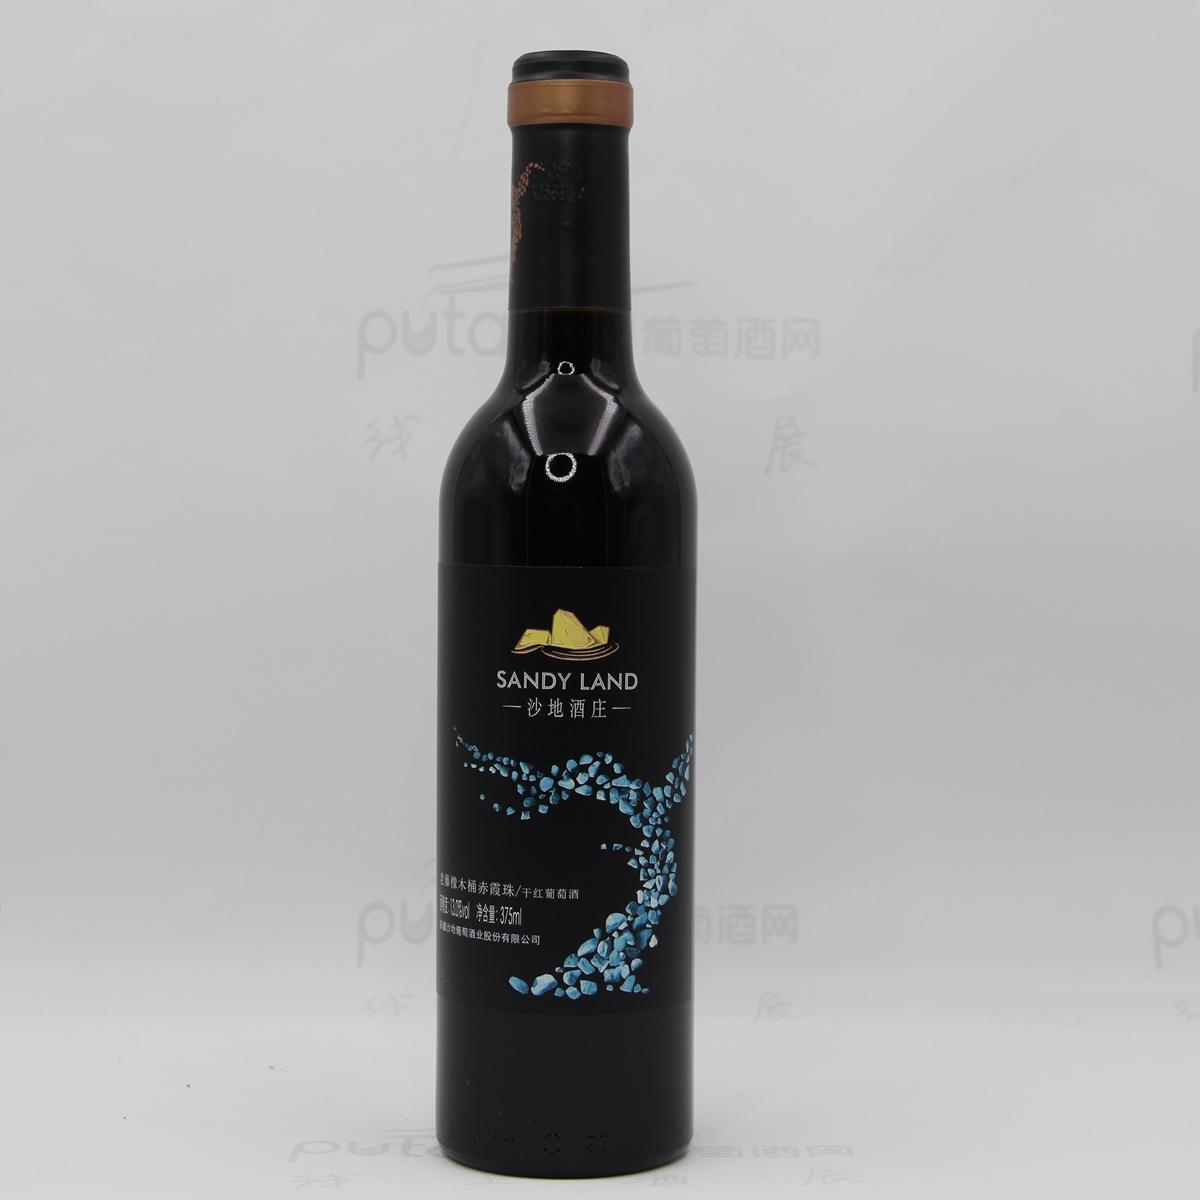 沙地酒庄 老藤橡木桶赤霞珠干红葡萄酒